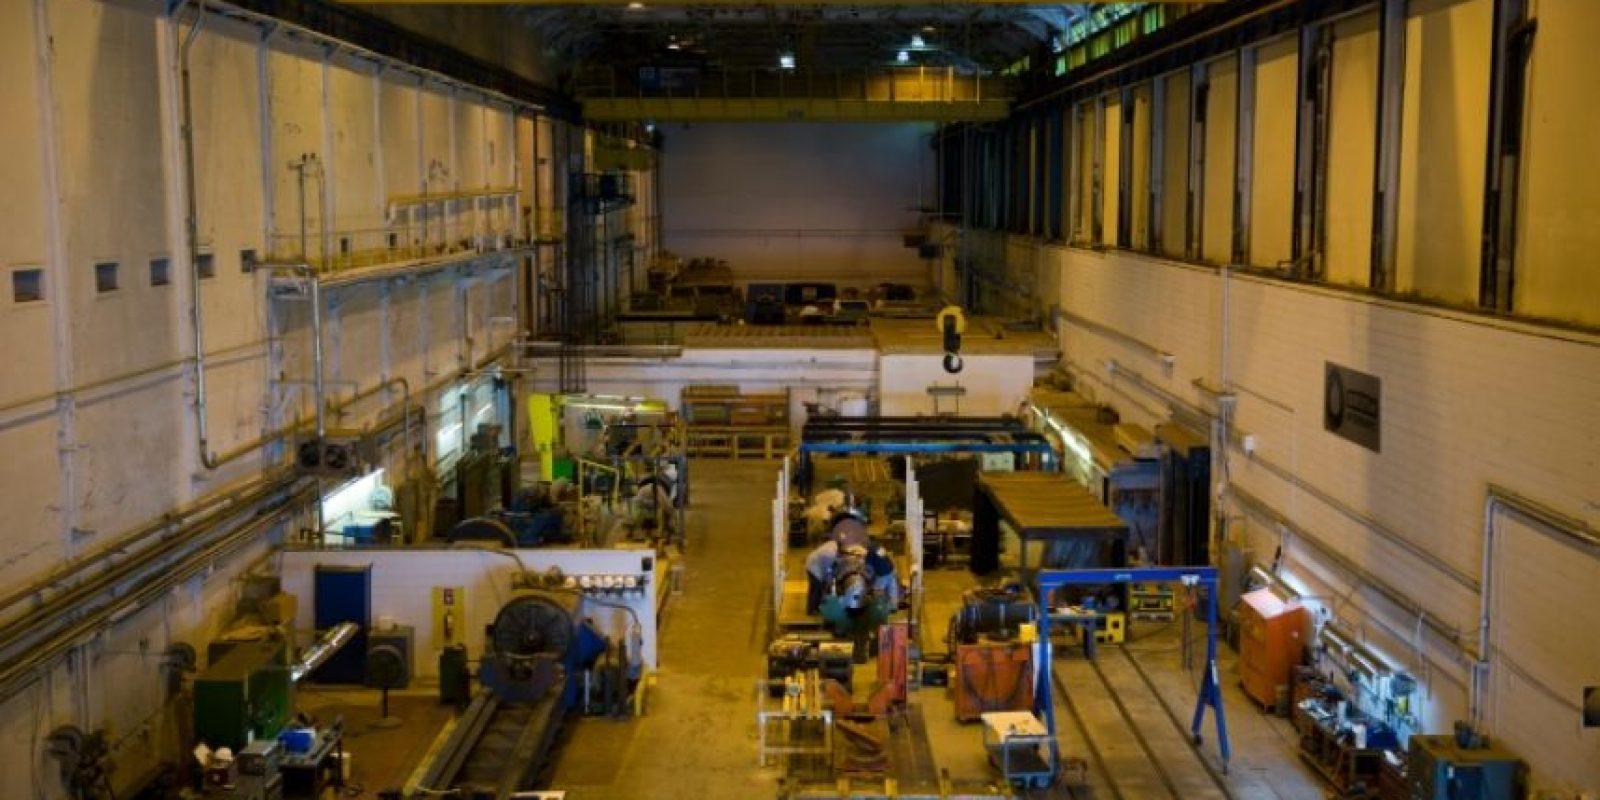 Una antigua empresa de fabricación de turbinas eléctricas de East Pittsburgh, en Pensilvania (EEUU), en una imagen del 7 de septiembre de 2016 Foto:Dominick Reuter/afp.com